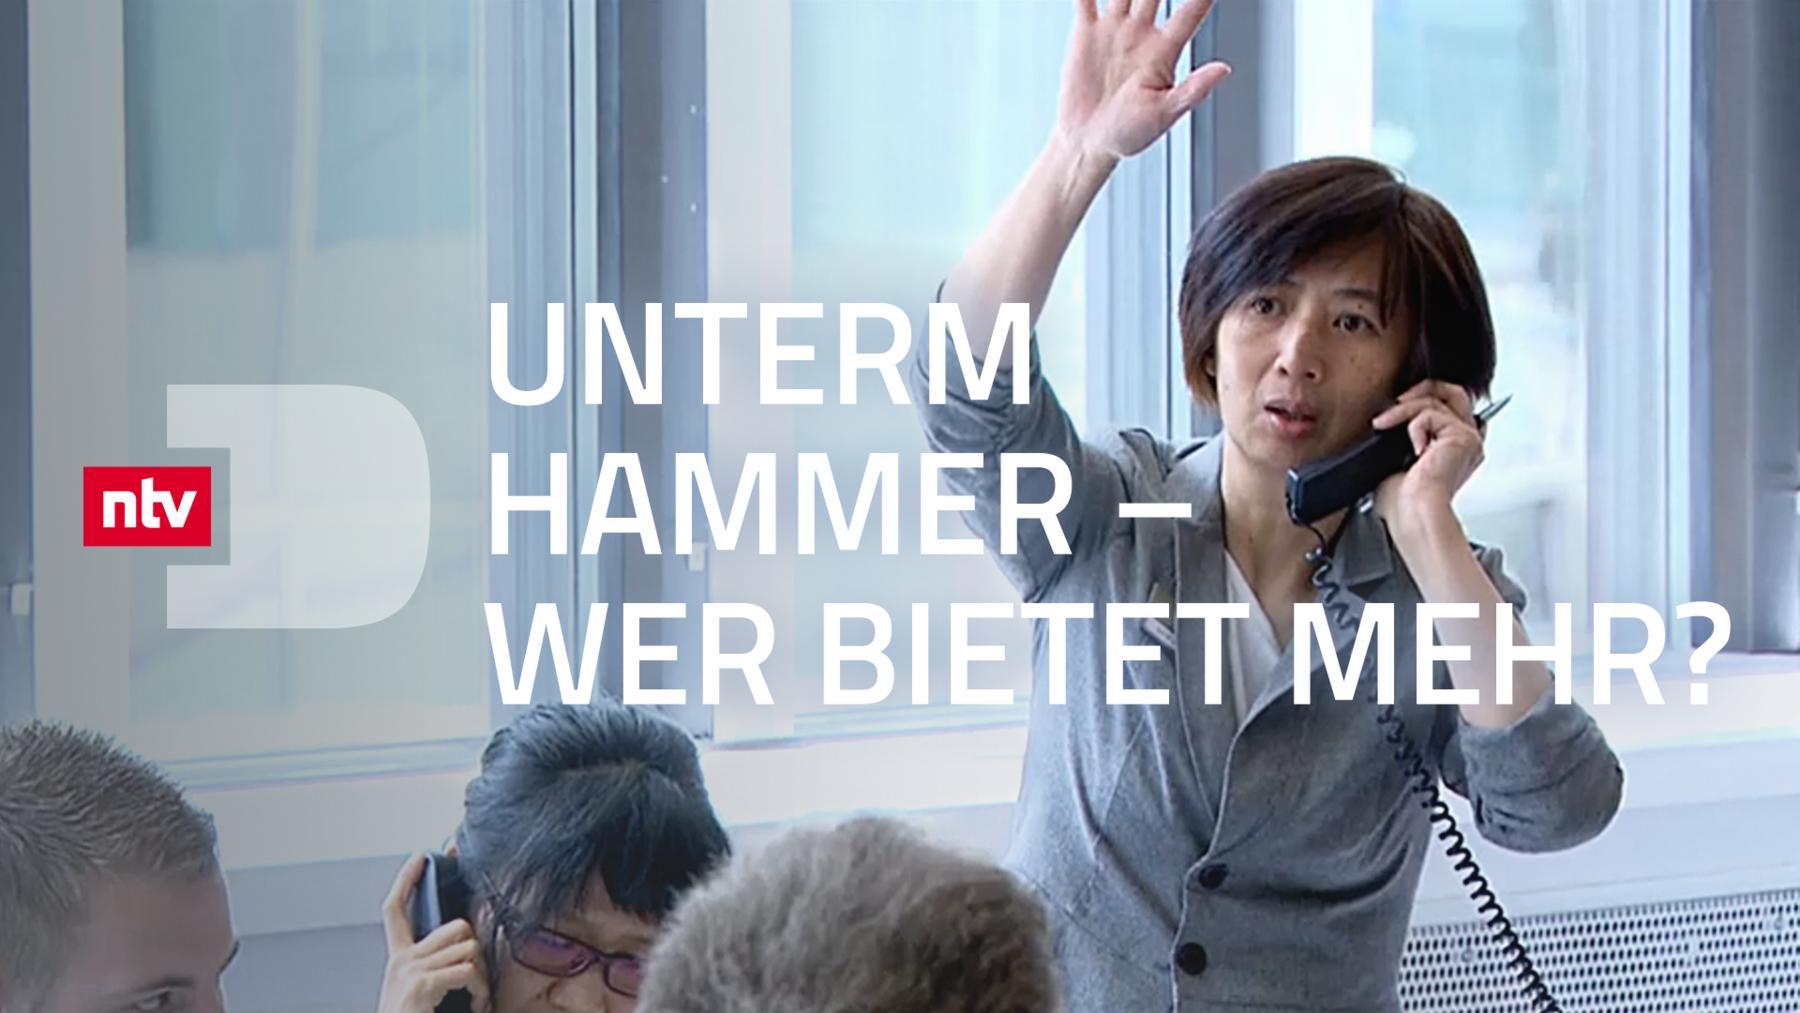 Unterm Hammer - Wer bietet mehr?